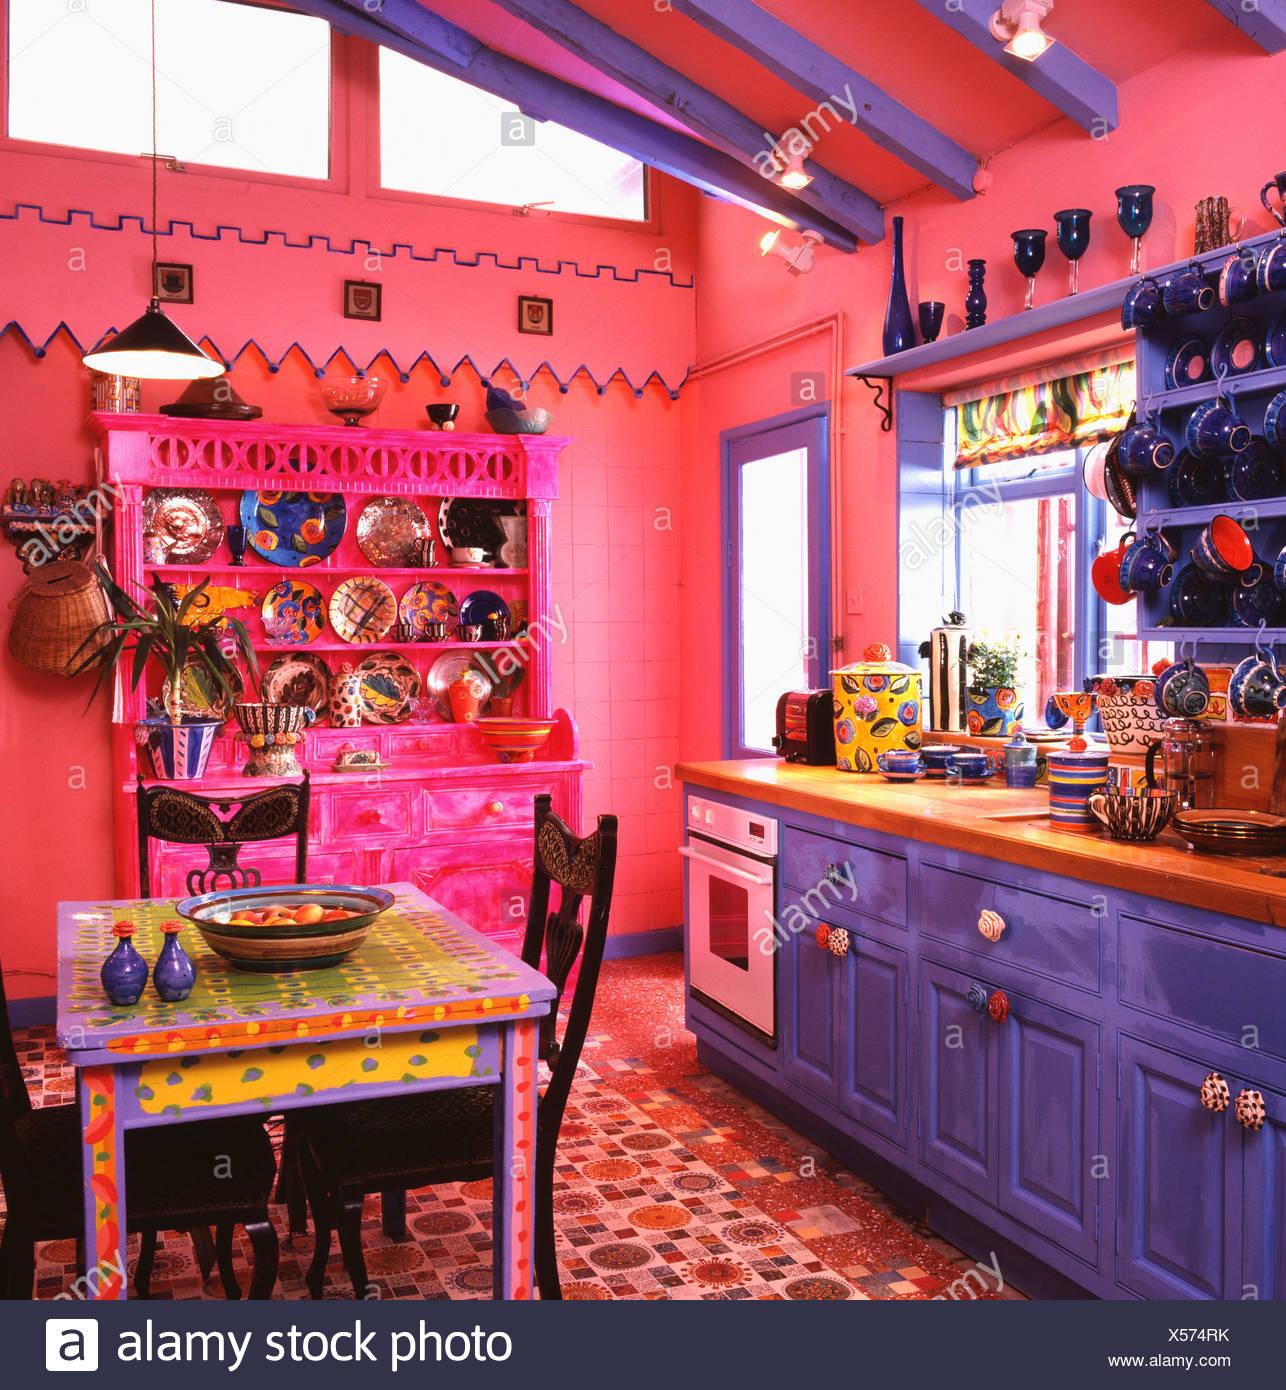 Bunt Bemalten Bunten Tisch In Hell Rosa Kuche Mit Pulsierenden Blau